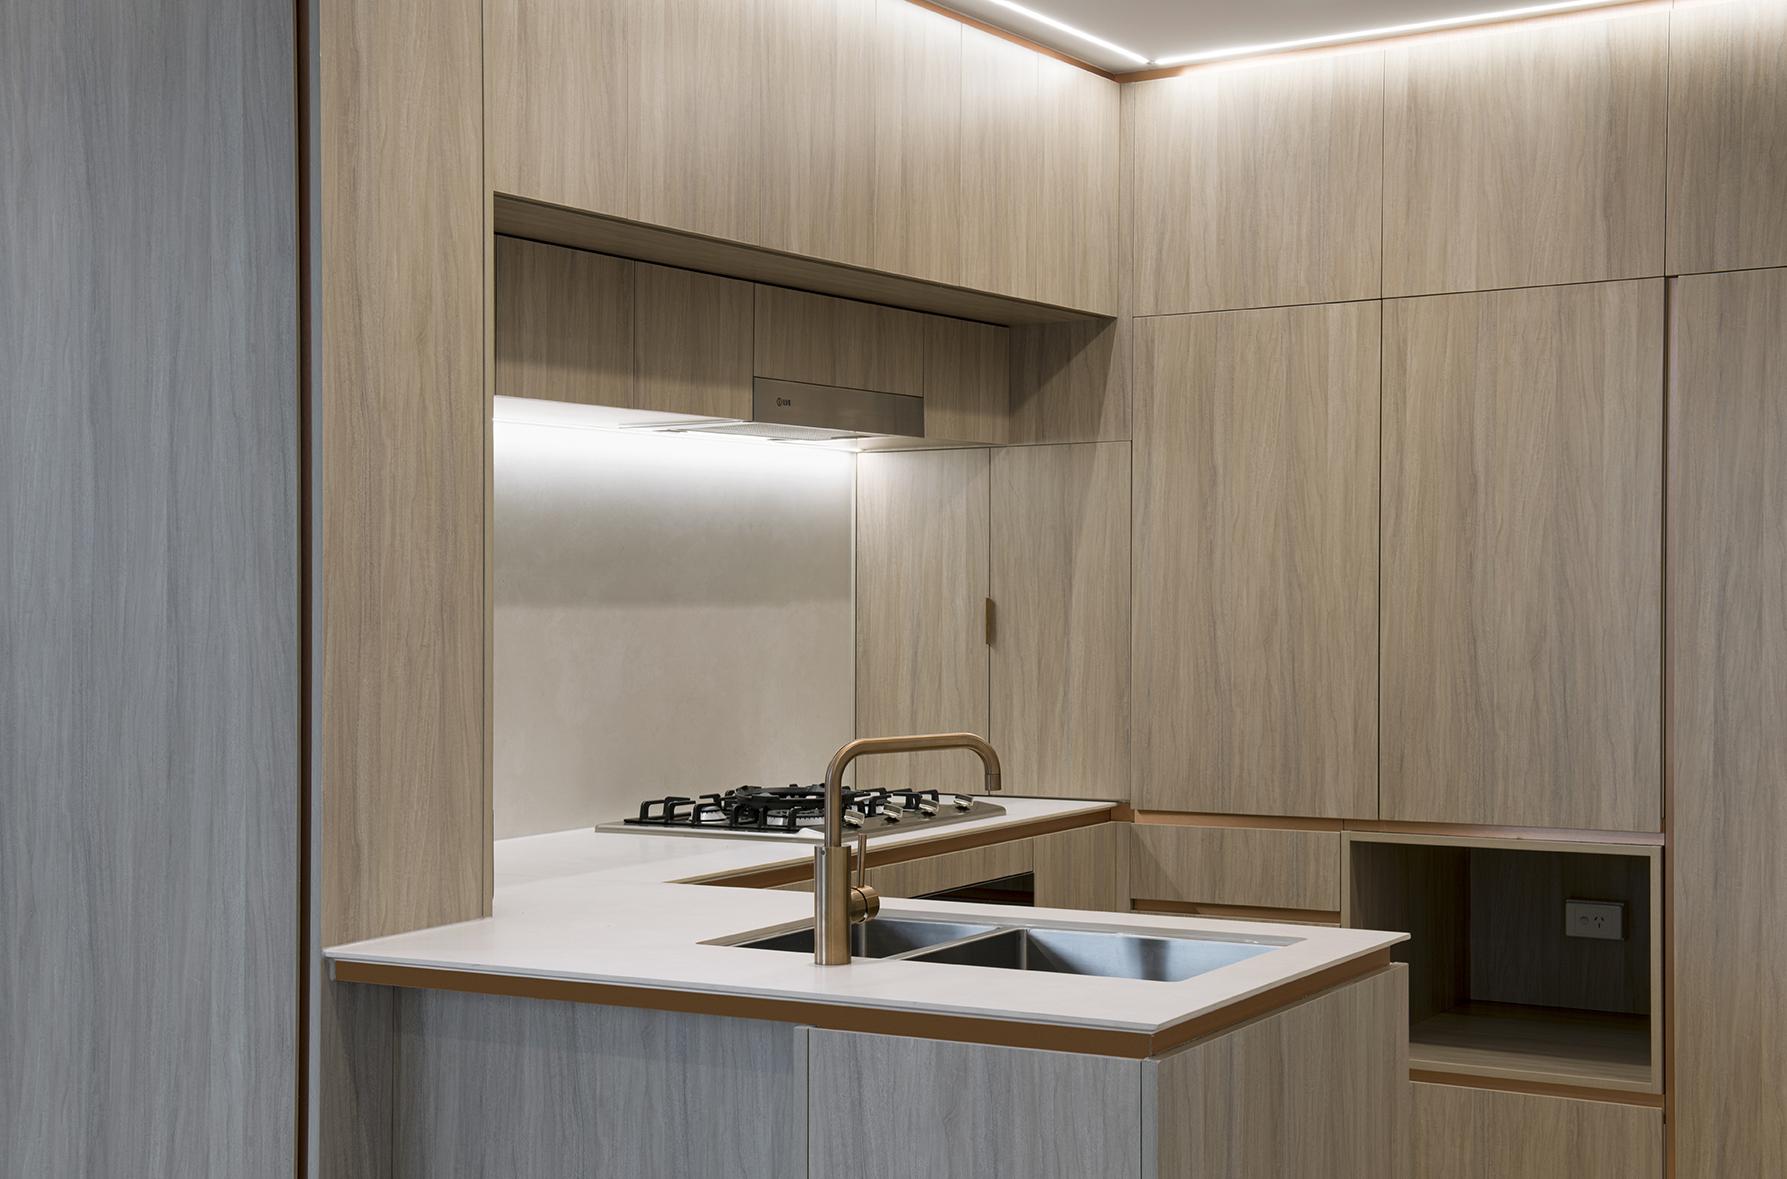 Maximum Amp Artetech At Magnus Apartments Artedomus